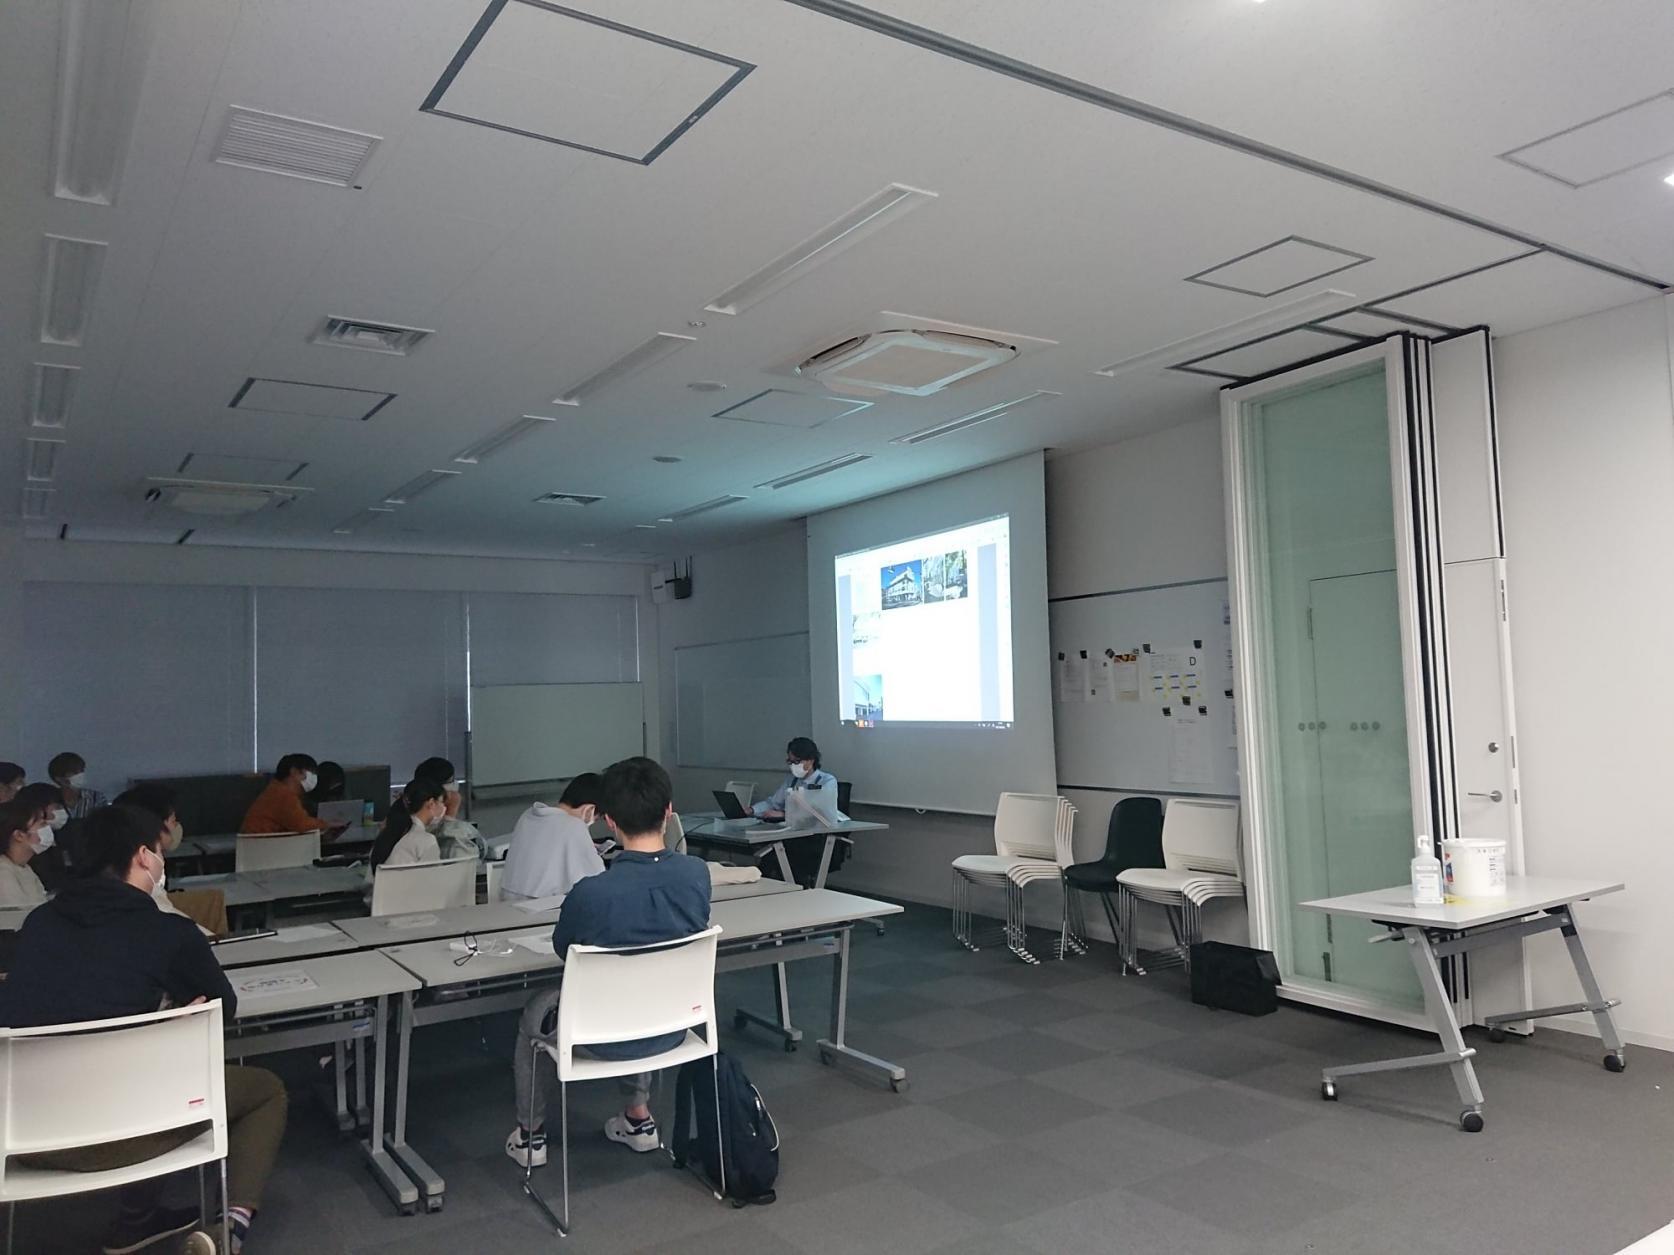 一級建築士大学別合格者数1位は日本大学:科学雑誌「Newton2021.5月号」(ニュートンプレス)の特集「理工系大学ランキング」において、一級建築士大学別合格者数1位は日本大学と掲載されました。